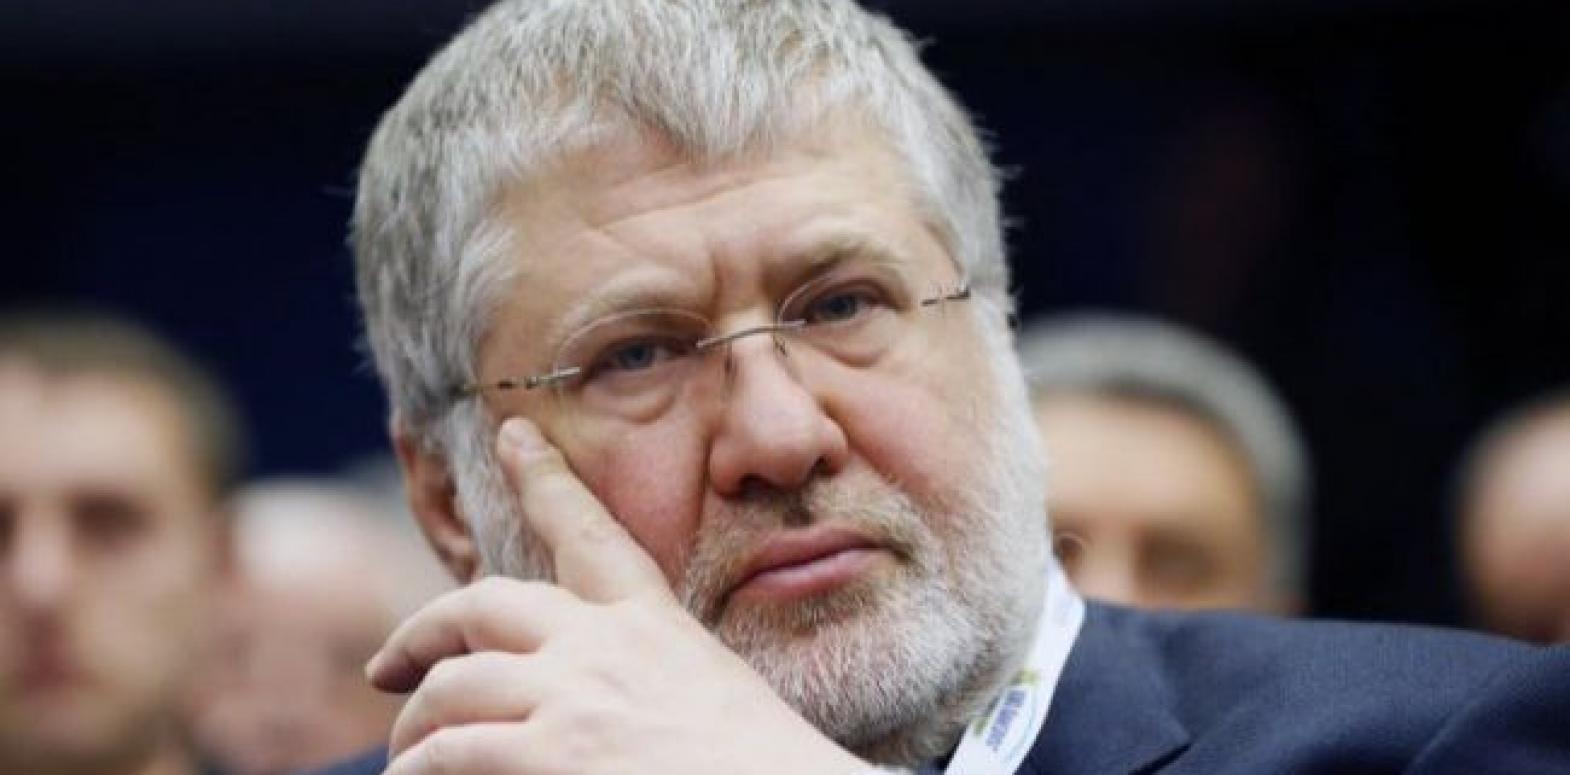 Адвокат из окружения Трампа будет представлять интересы Коломойского в суде